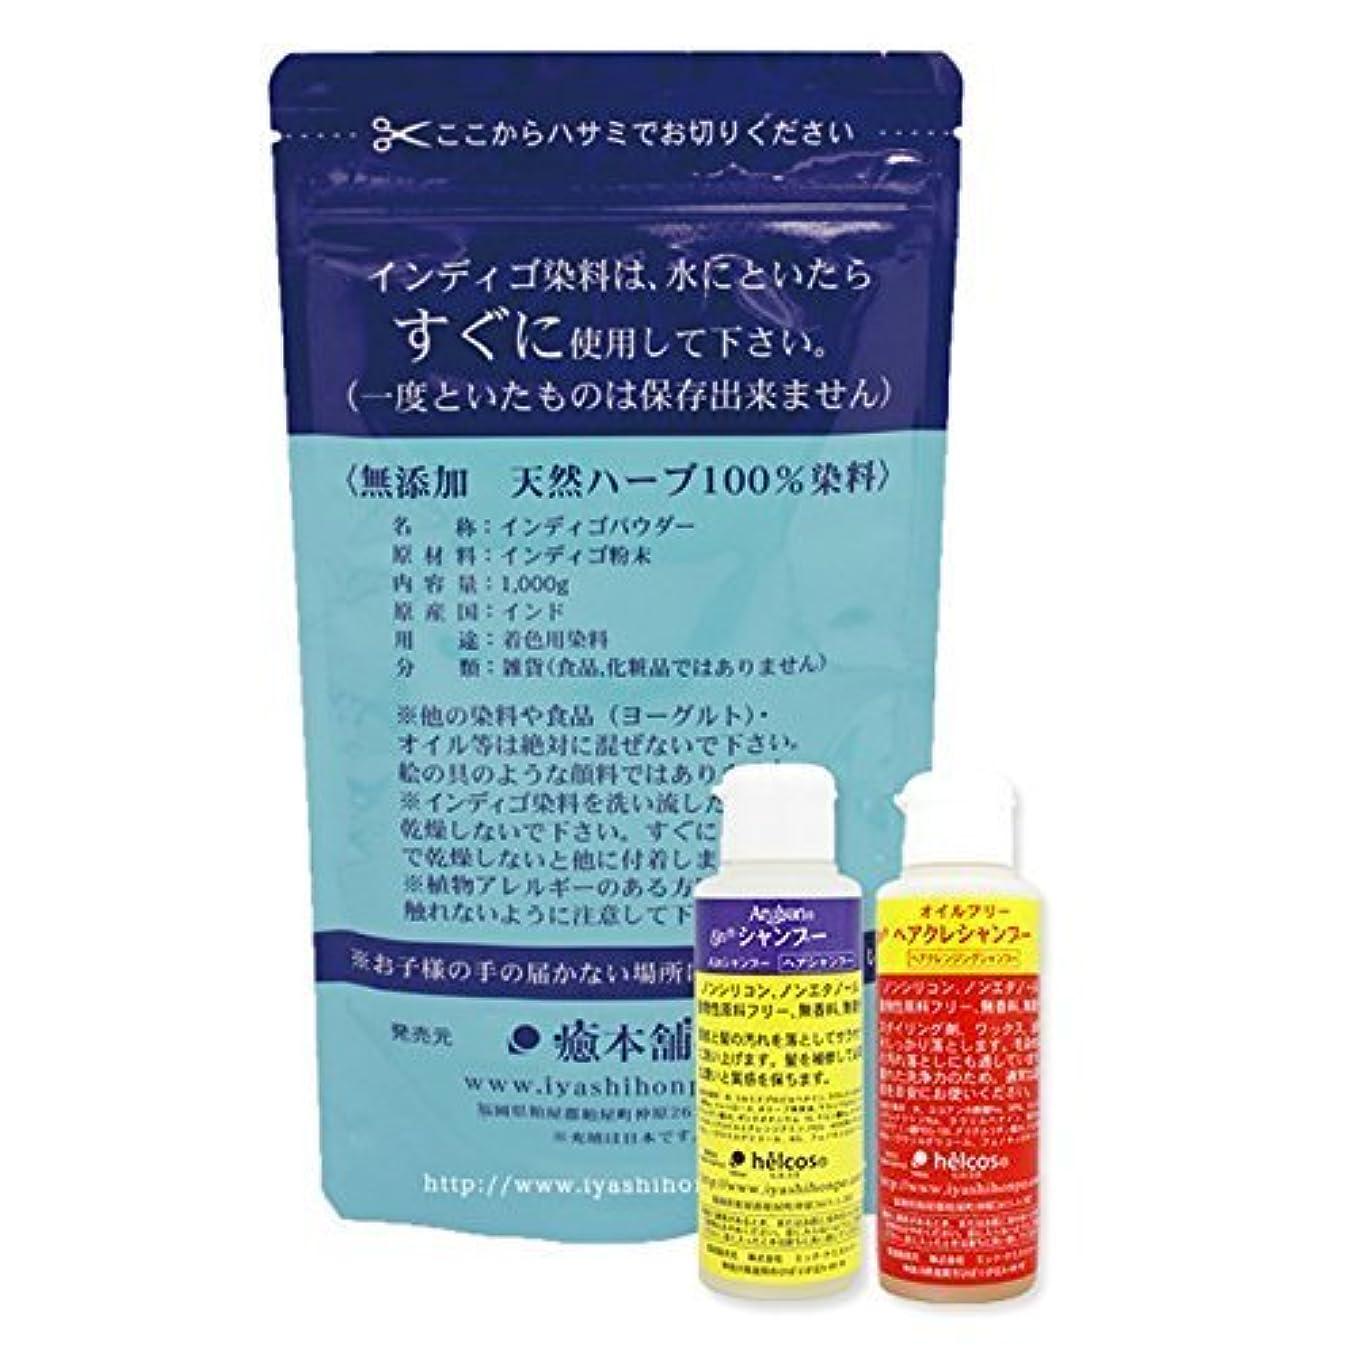 ストレッチロビーダブル白髪染め インディゴ(天然染料100%) 1kg+シャンプー2種セット 癒本舗